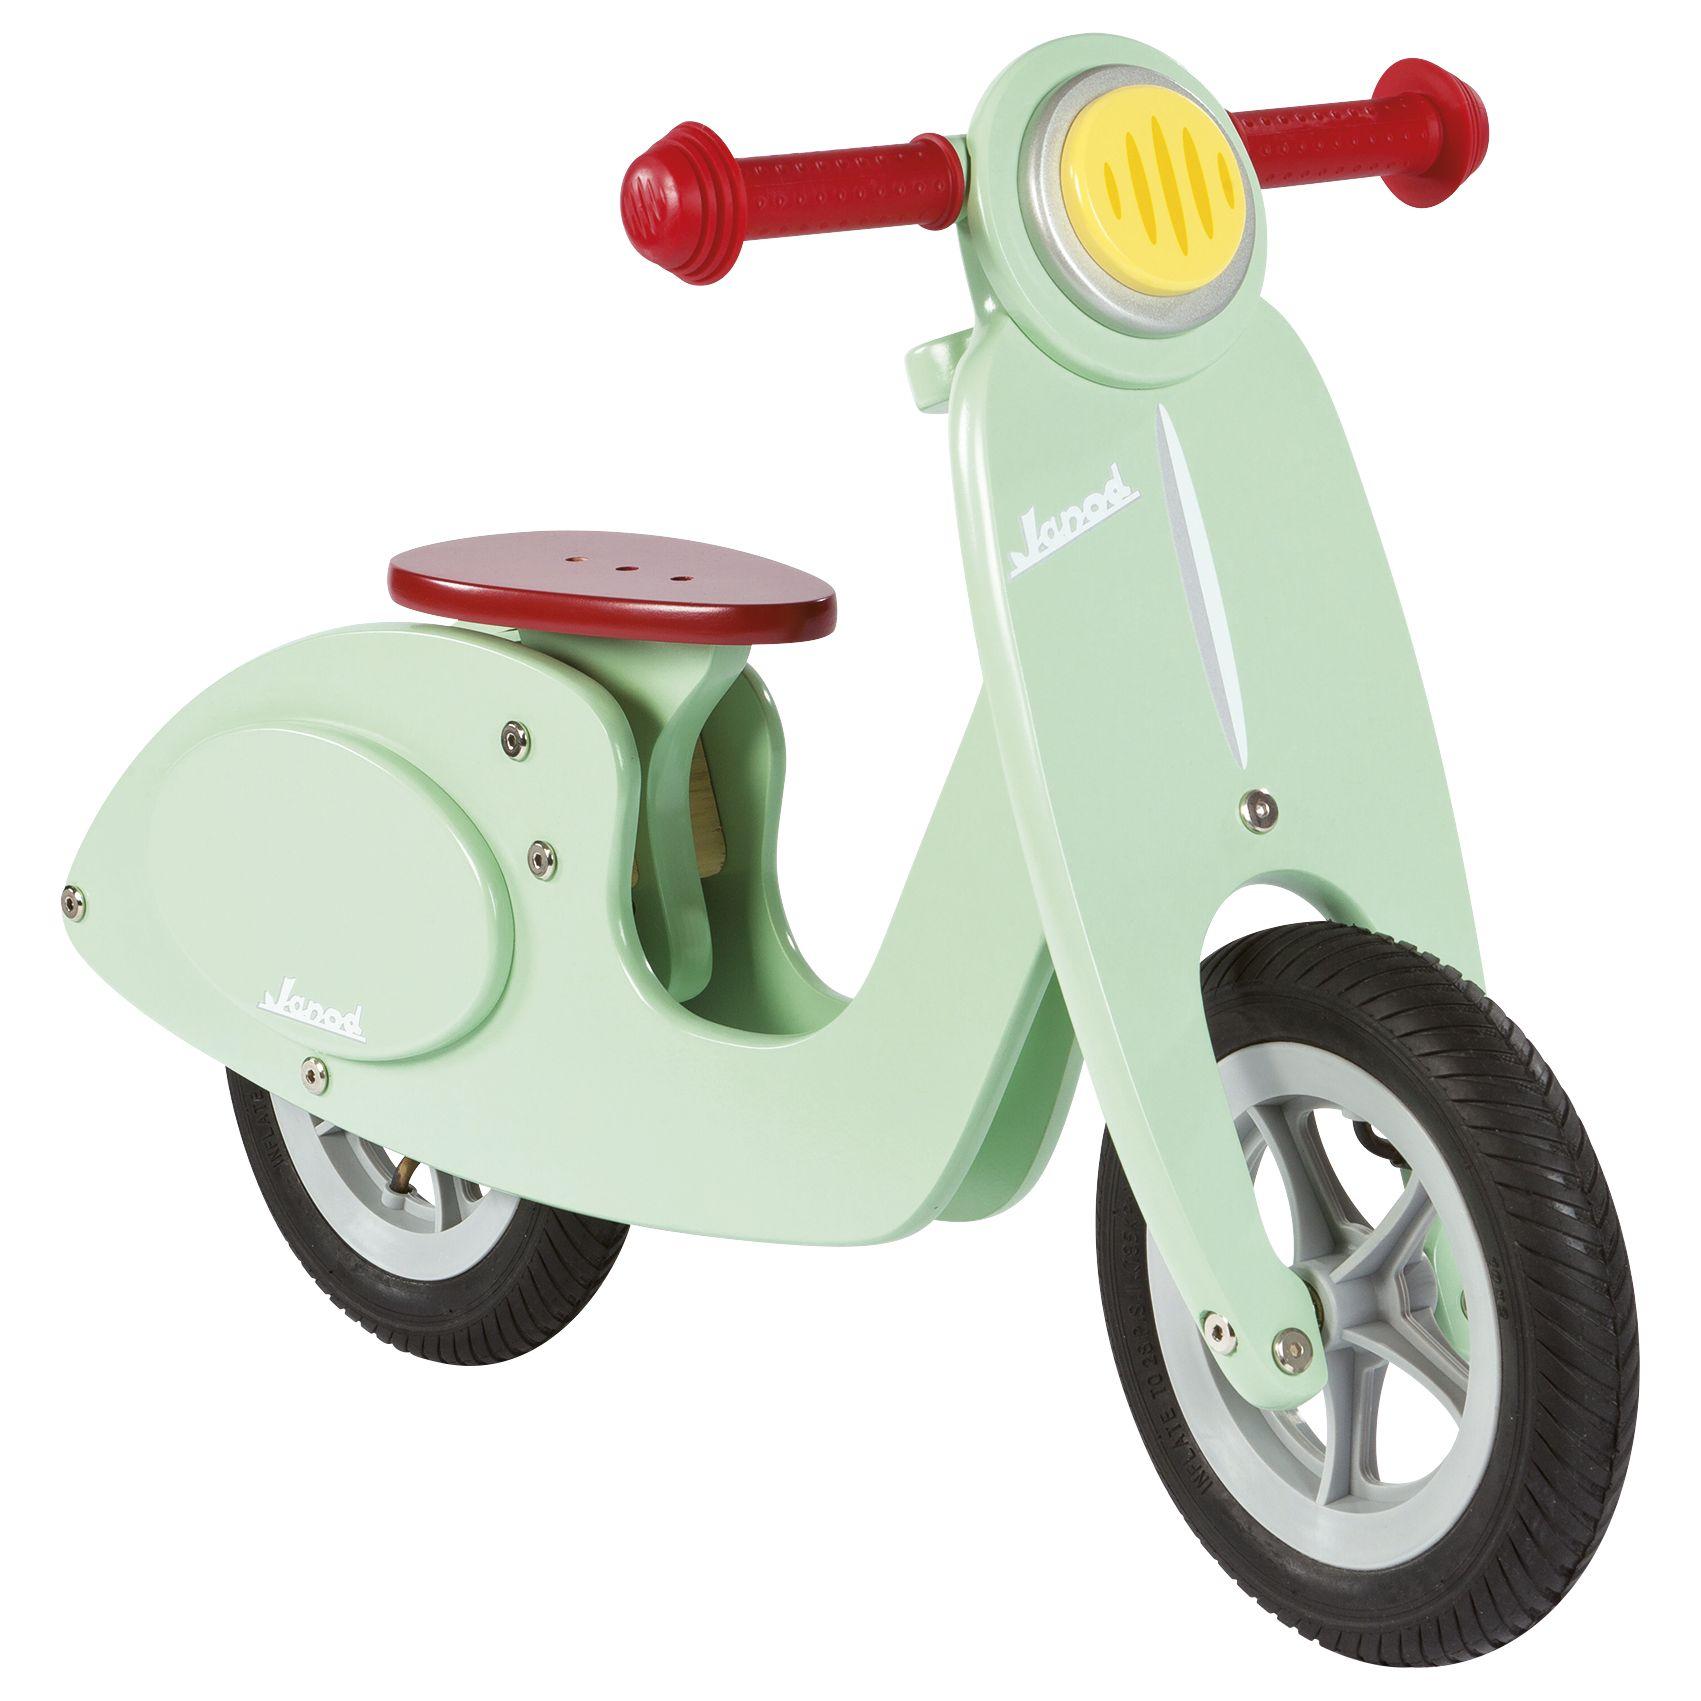 Janod Janod Wooden Scooter Balance Bike, Mint